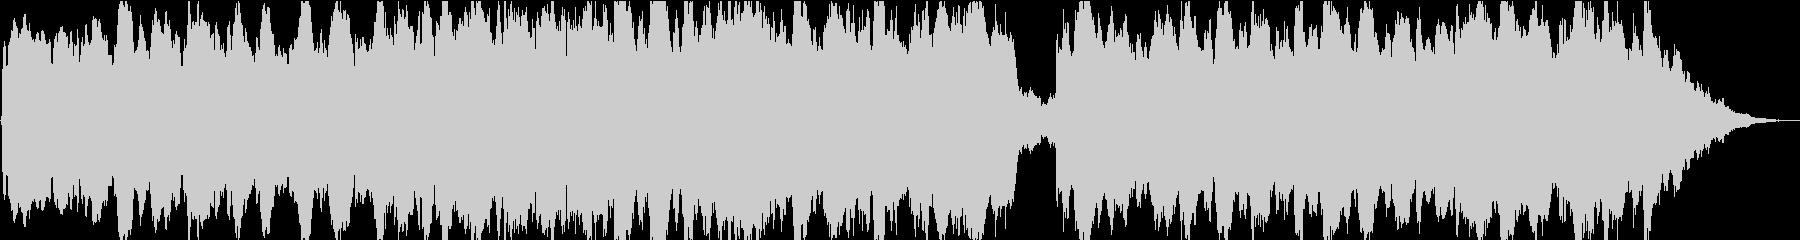 ドローン 不安定なホバーベース01の未再生の波形